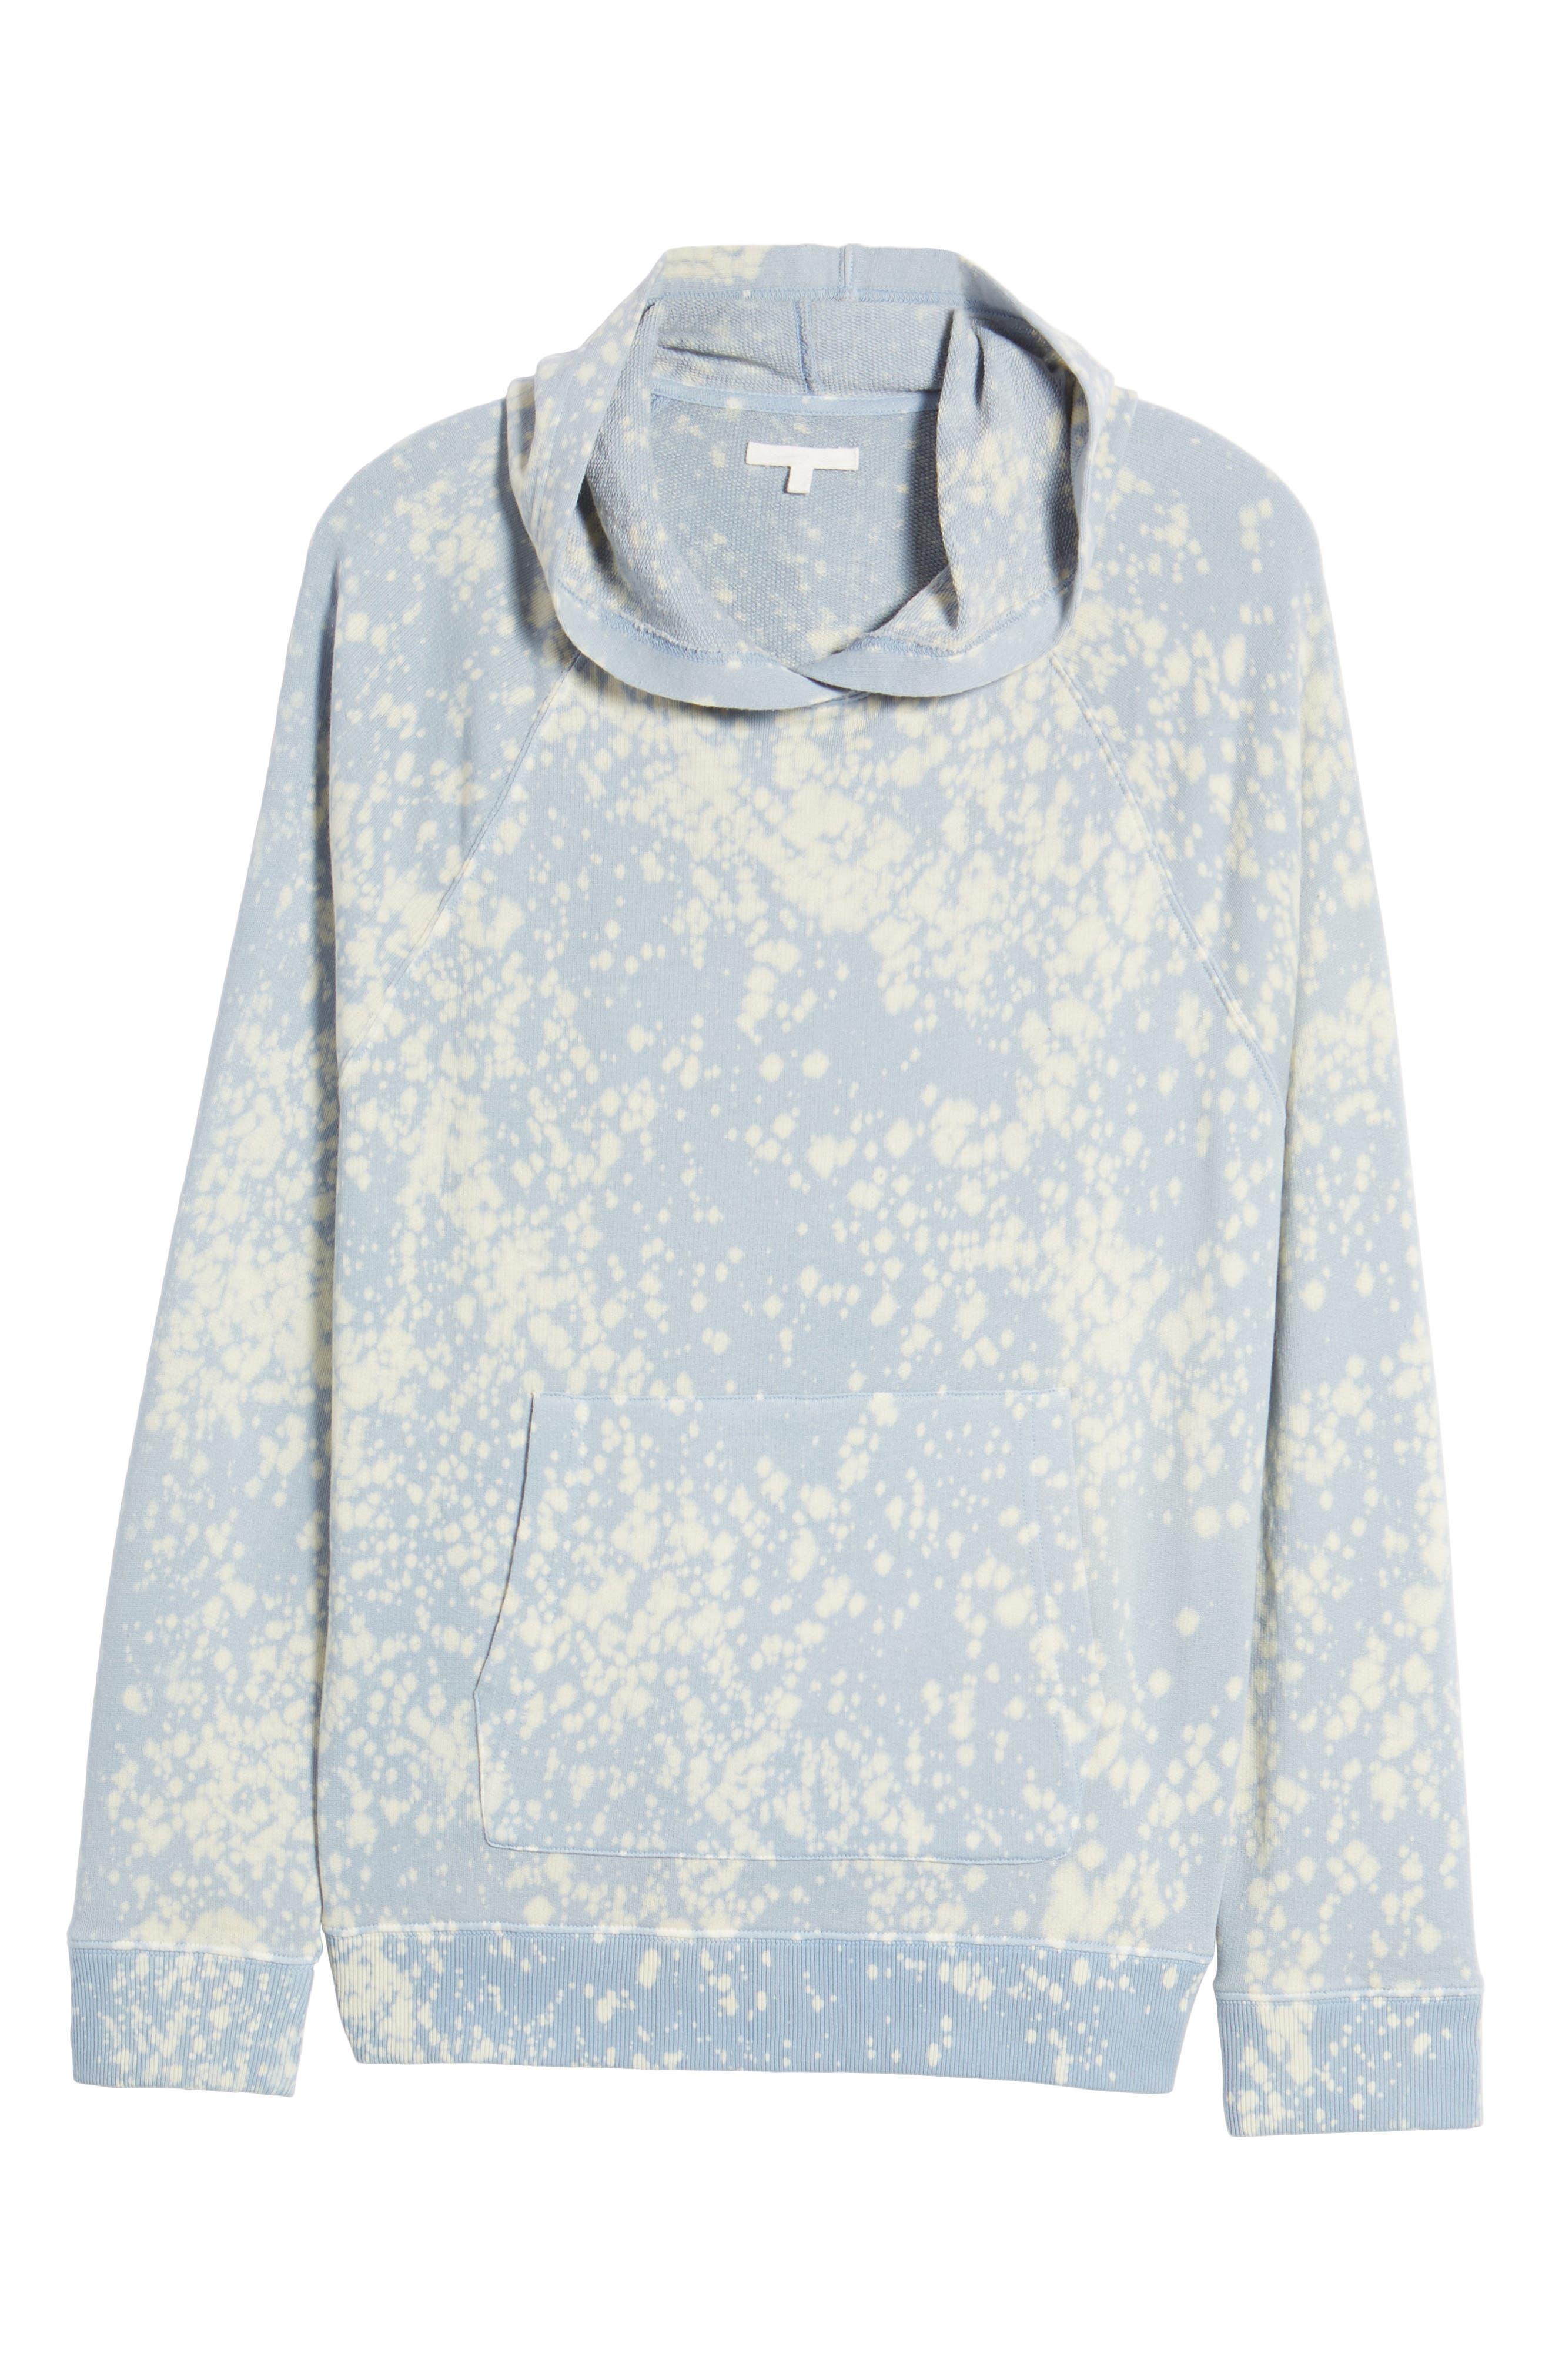 Bleached Hoodie Sweatshirt,                             Alternate thumbnail 6, color,                             450